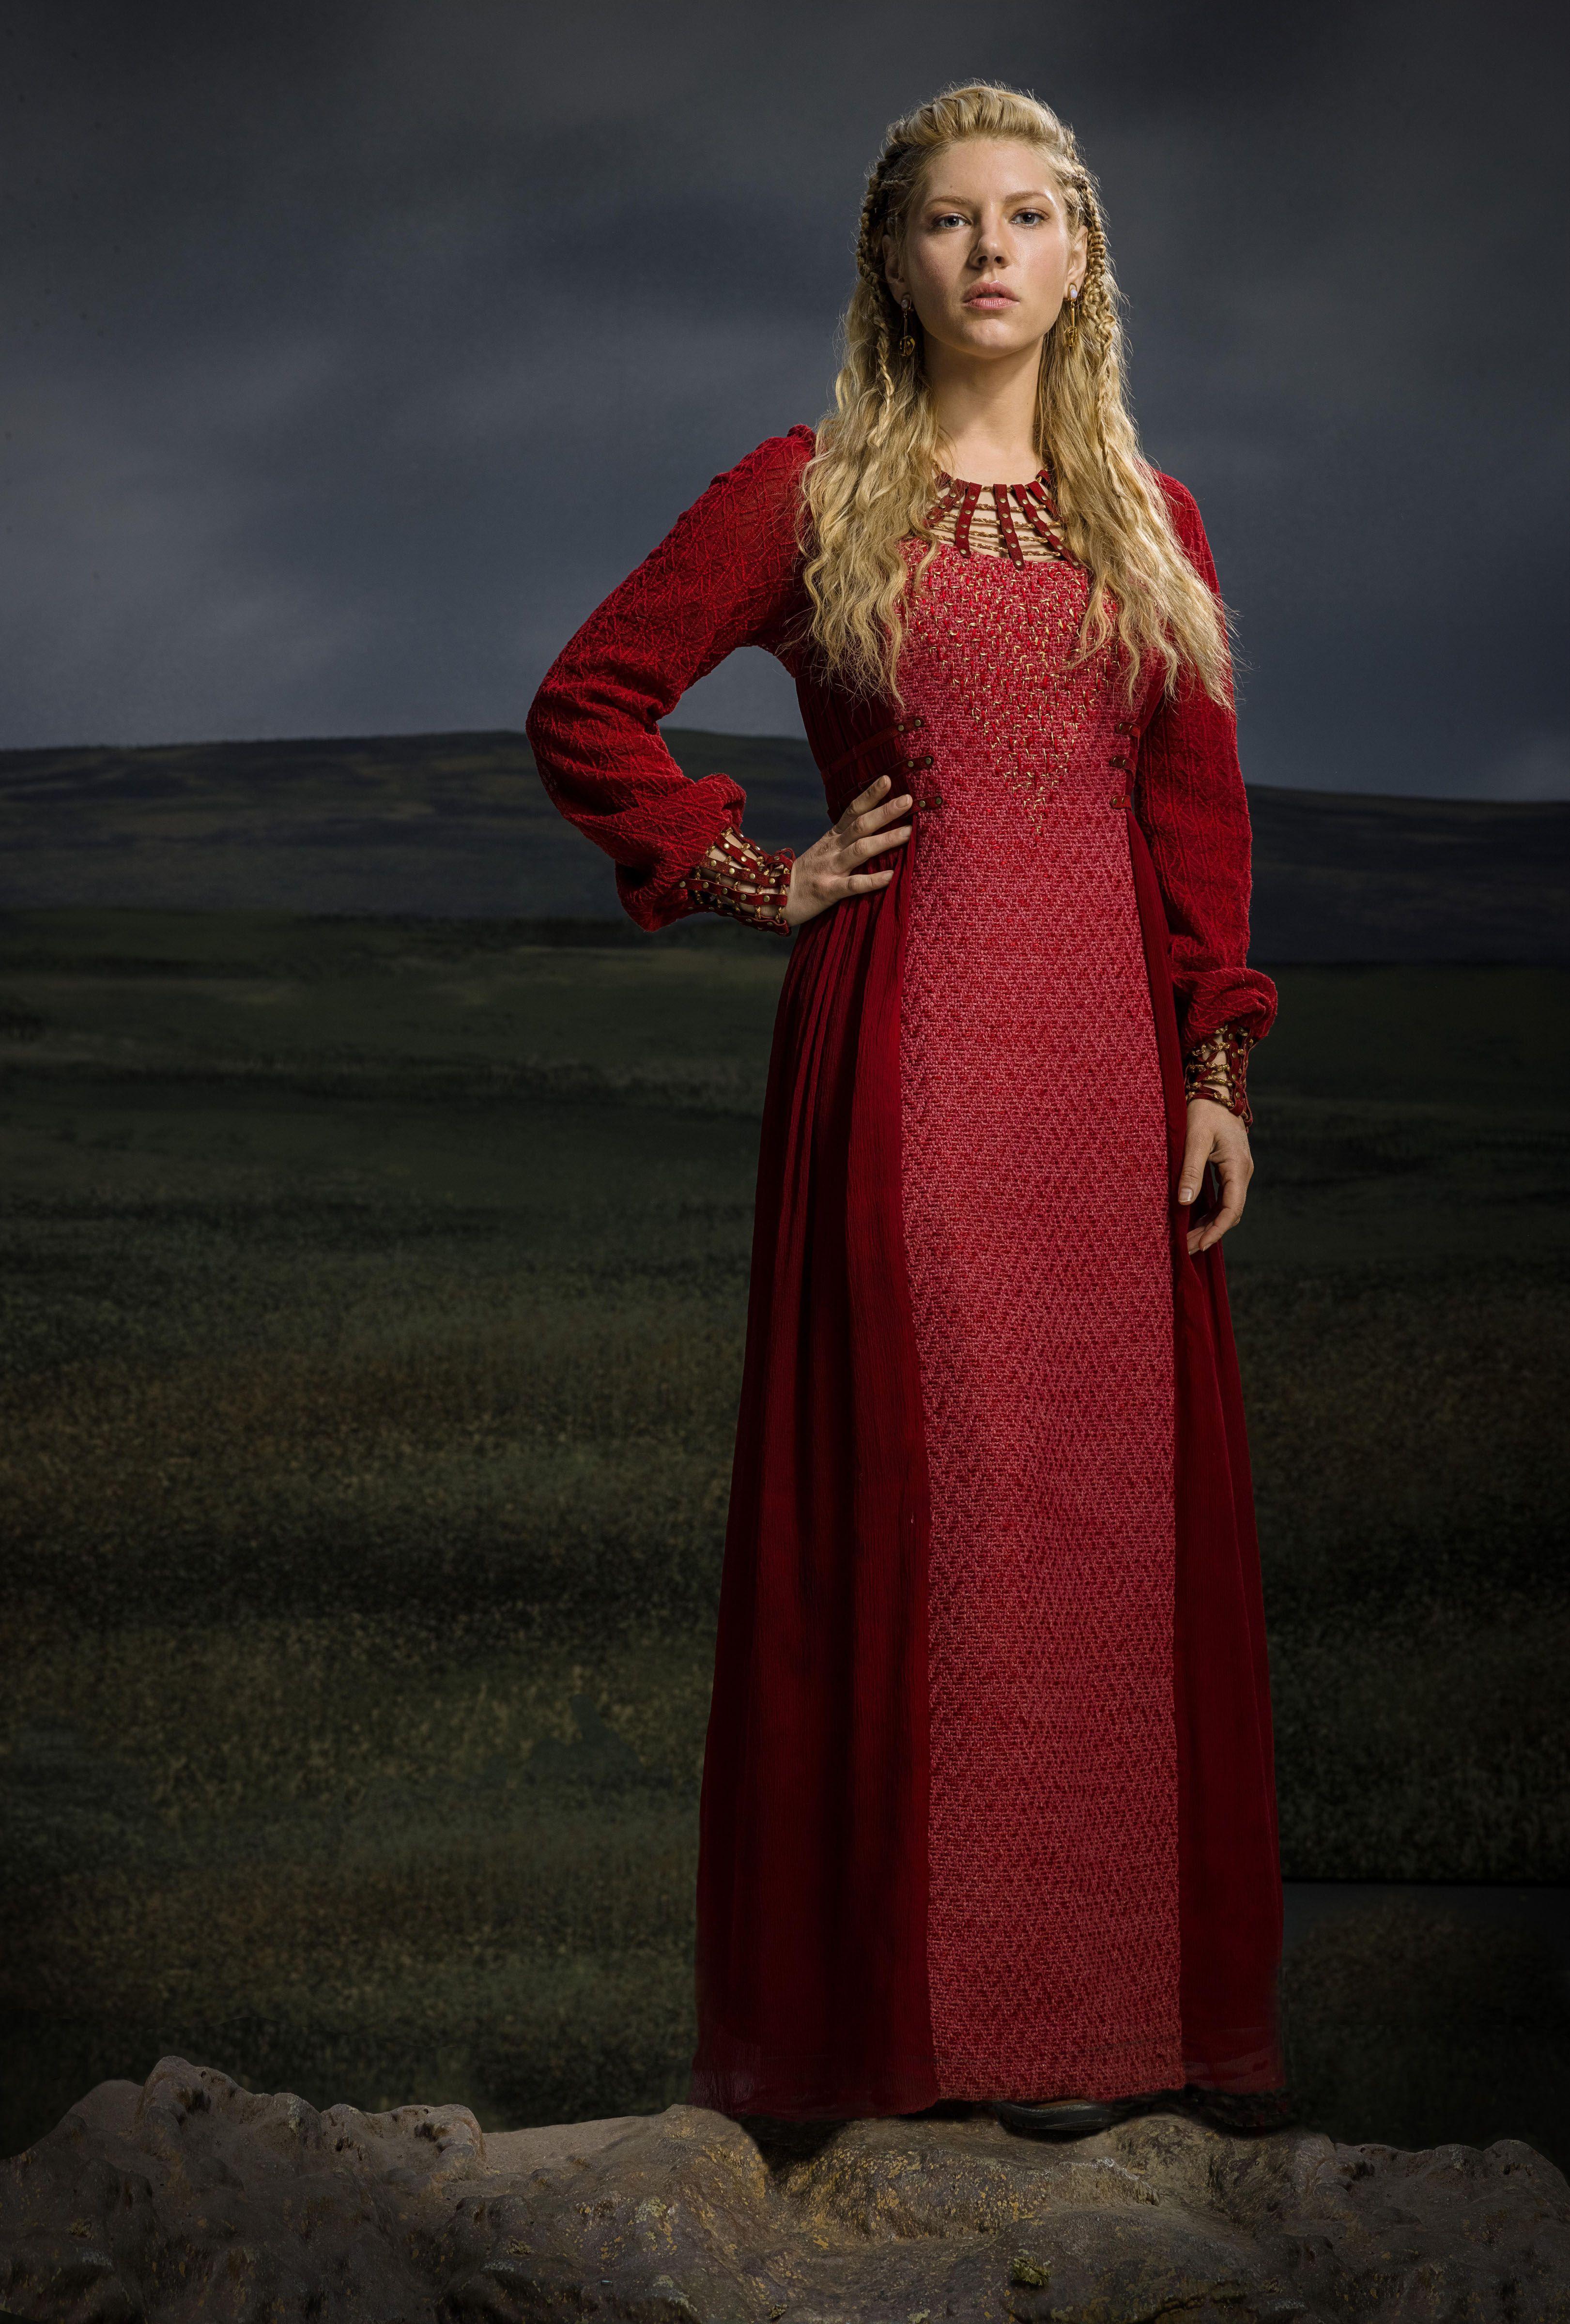 KatherynWinnick Lagertha Vikings HistoryChannel Season